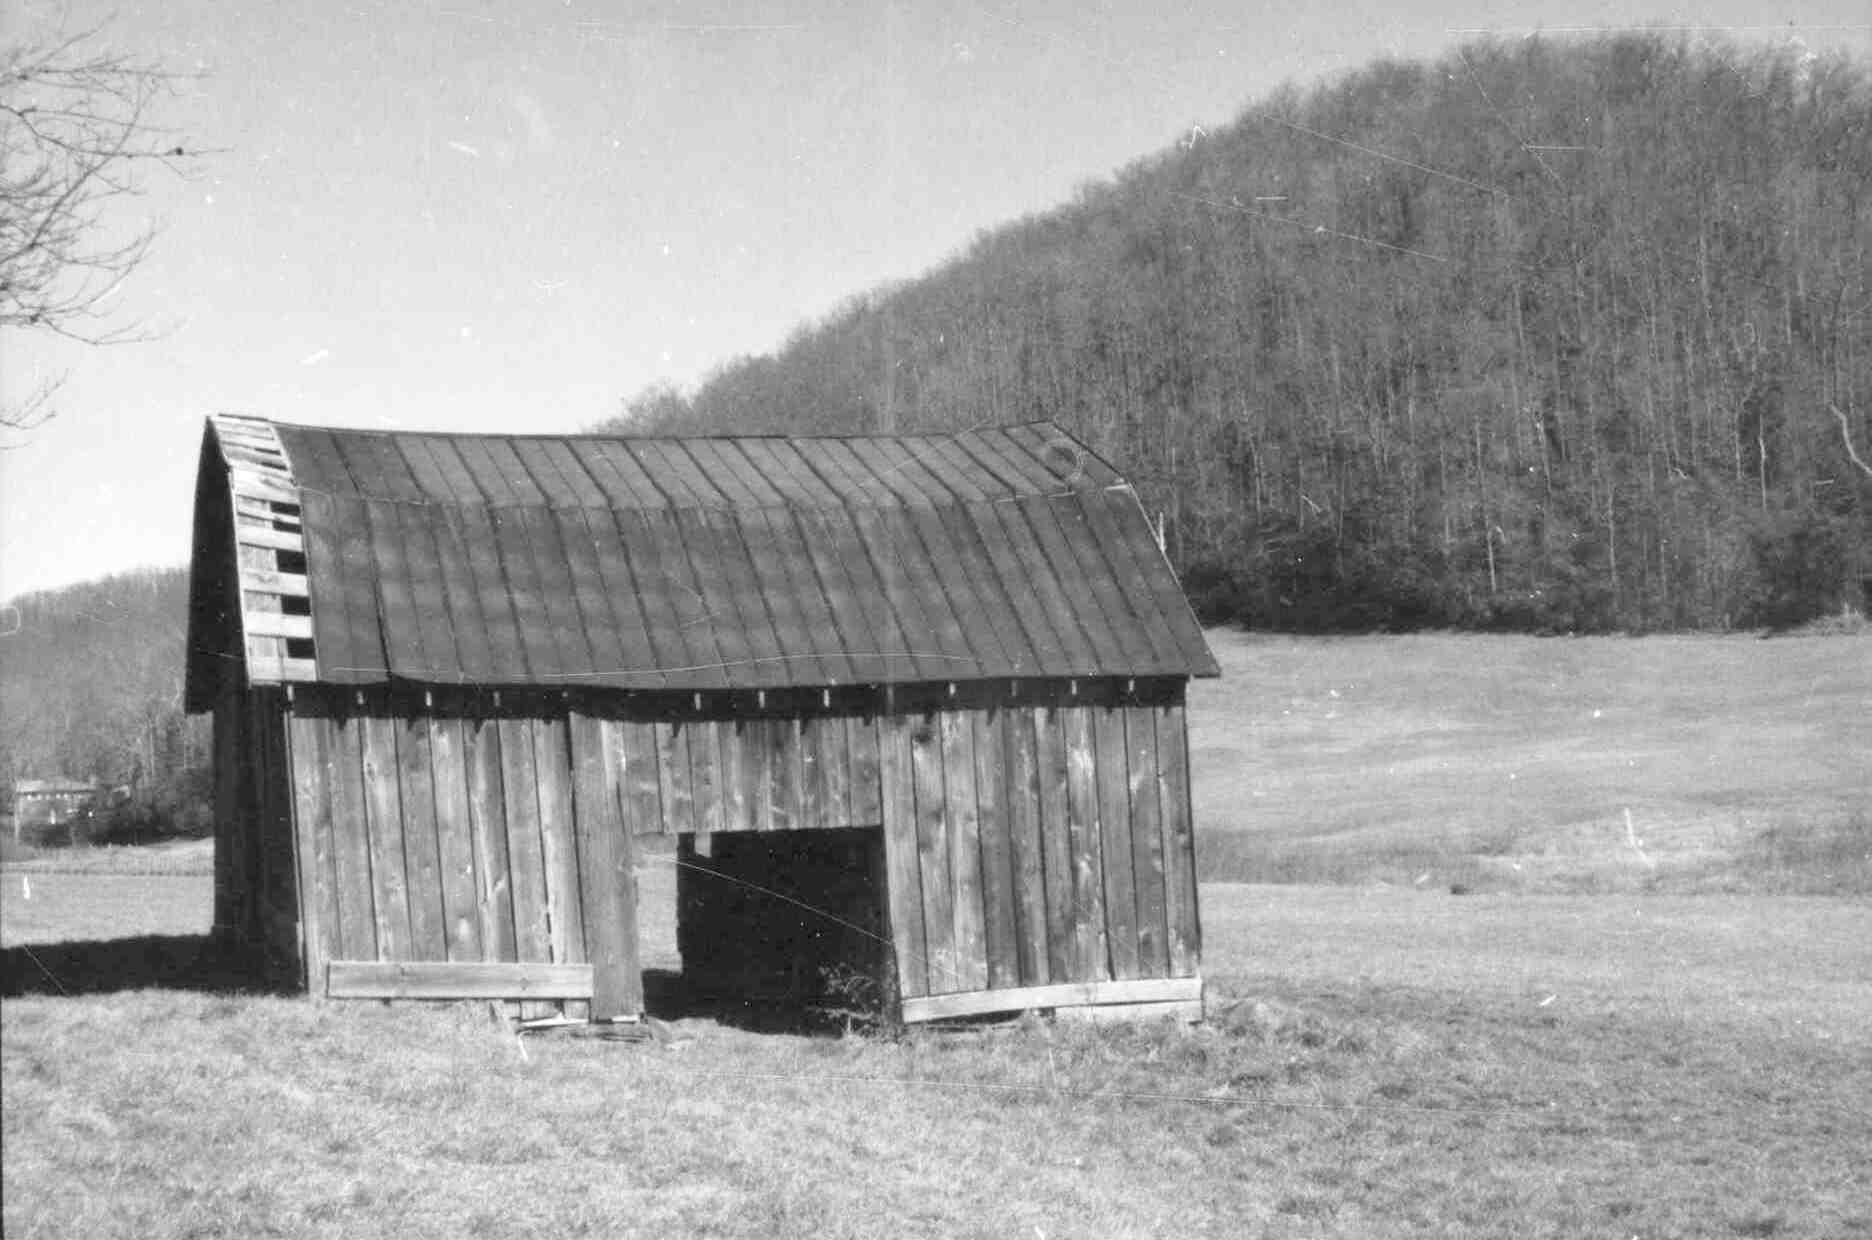 transylvaniacounty_Owens_Farm_C_015_Barn